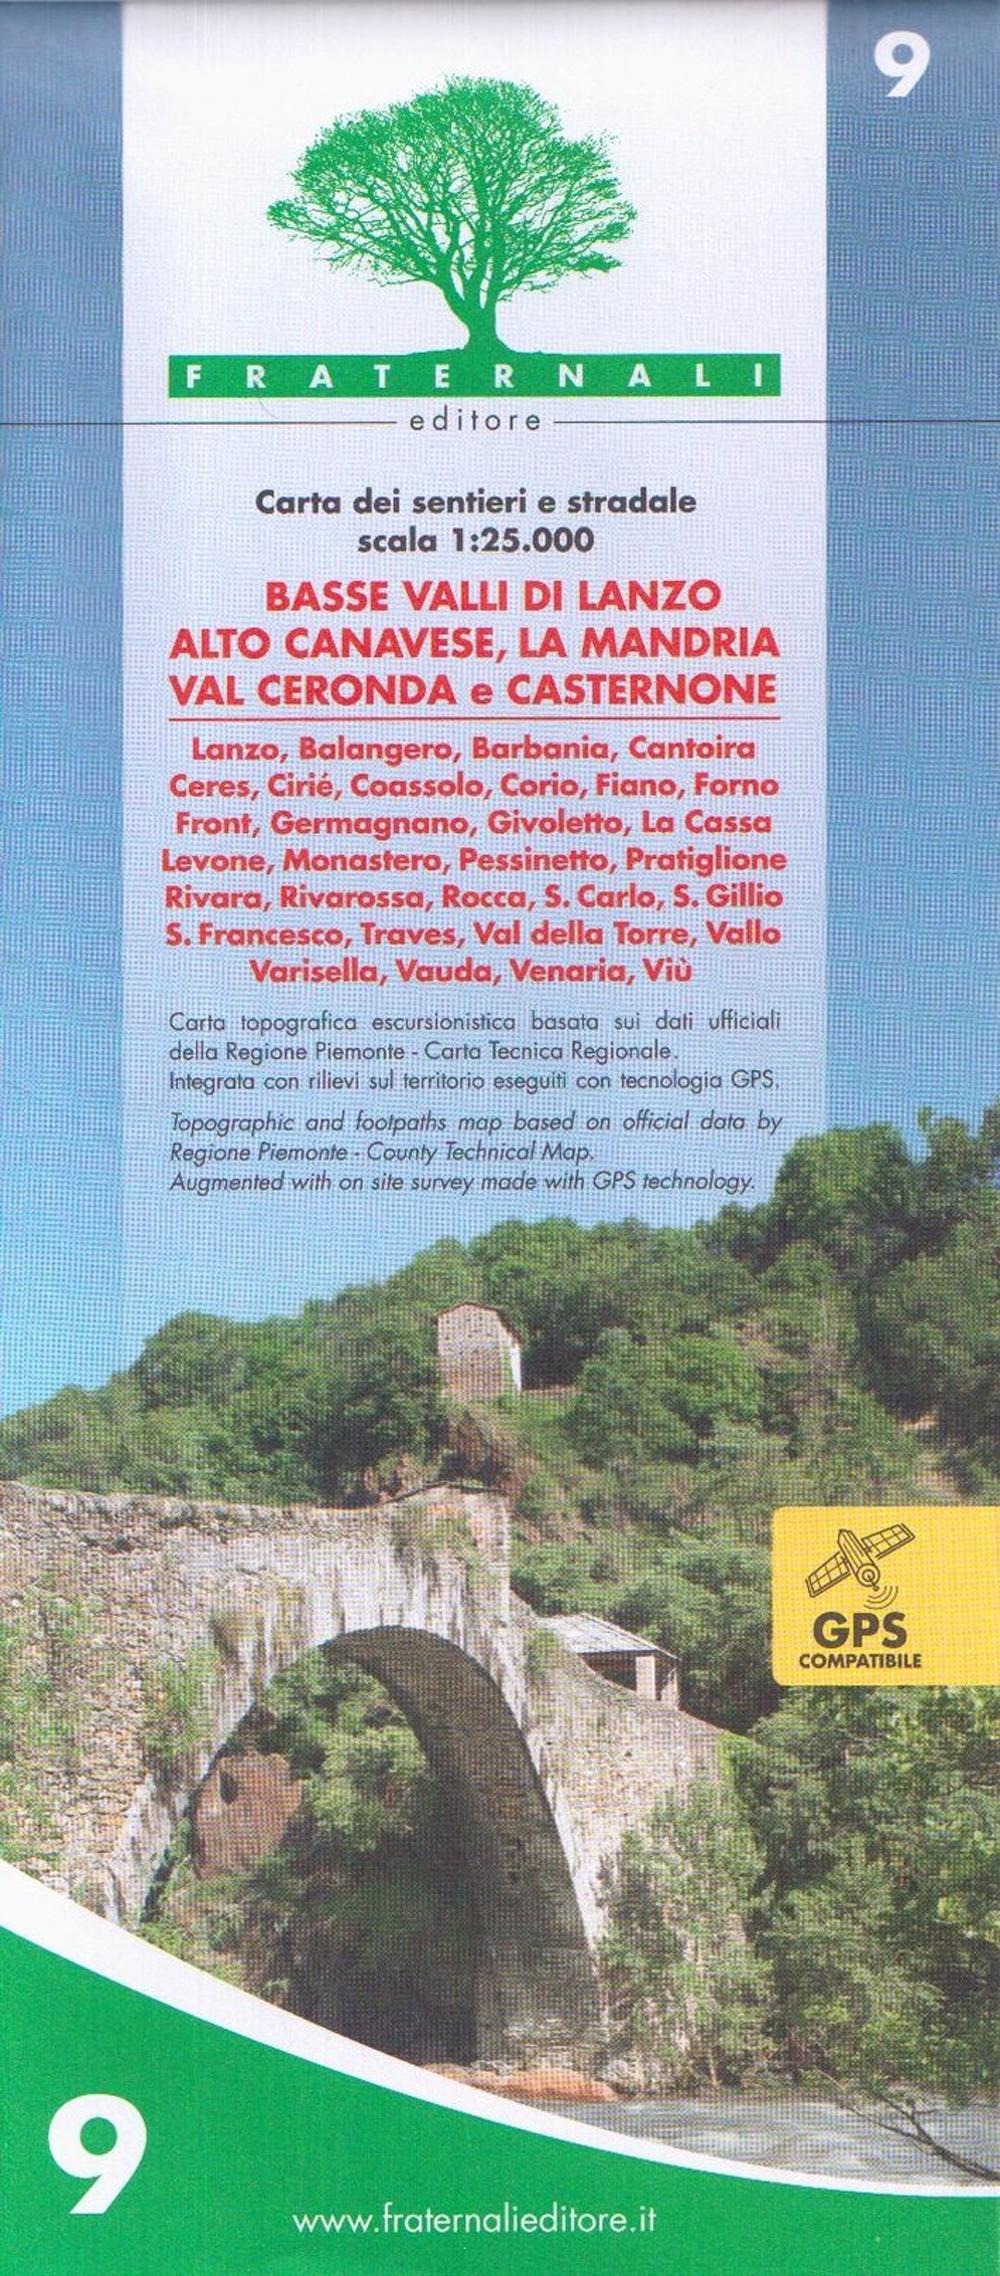 Carta N. 9. Basse Valli di Lanzo, Alto Canavese, la Mandria, Val Ceronda e Casternone